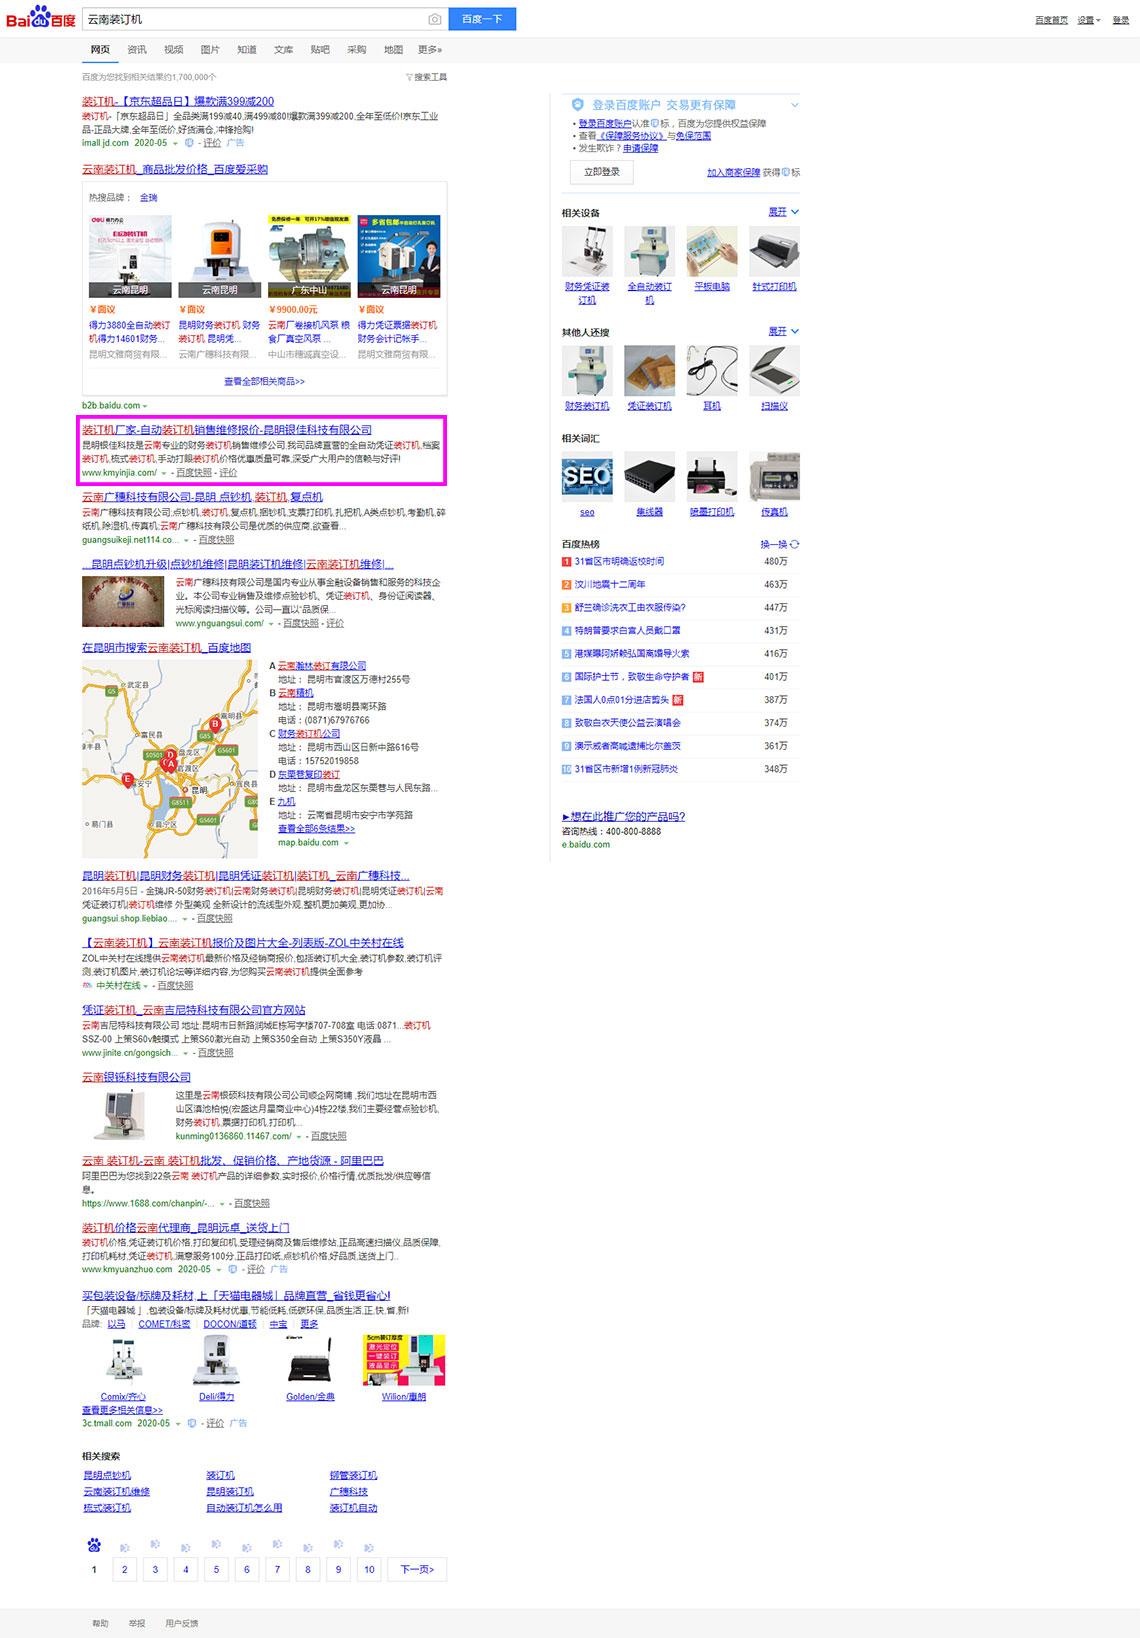 百度关键词搜索排名截图